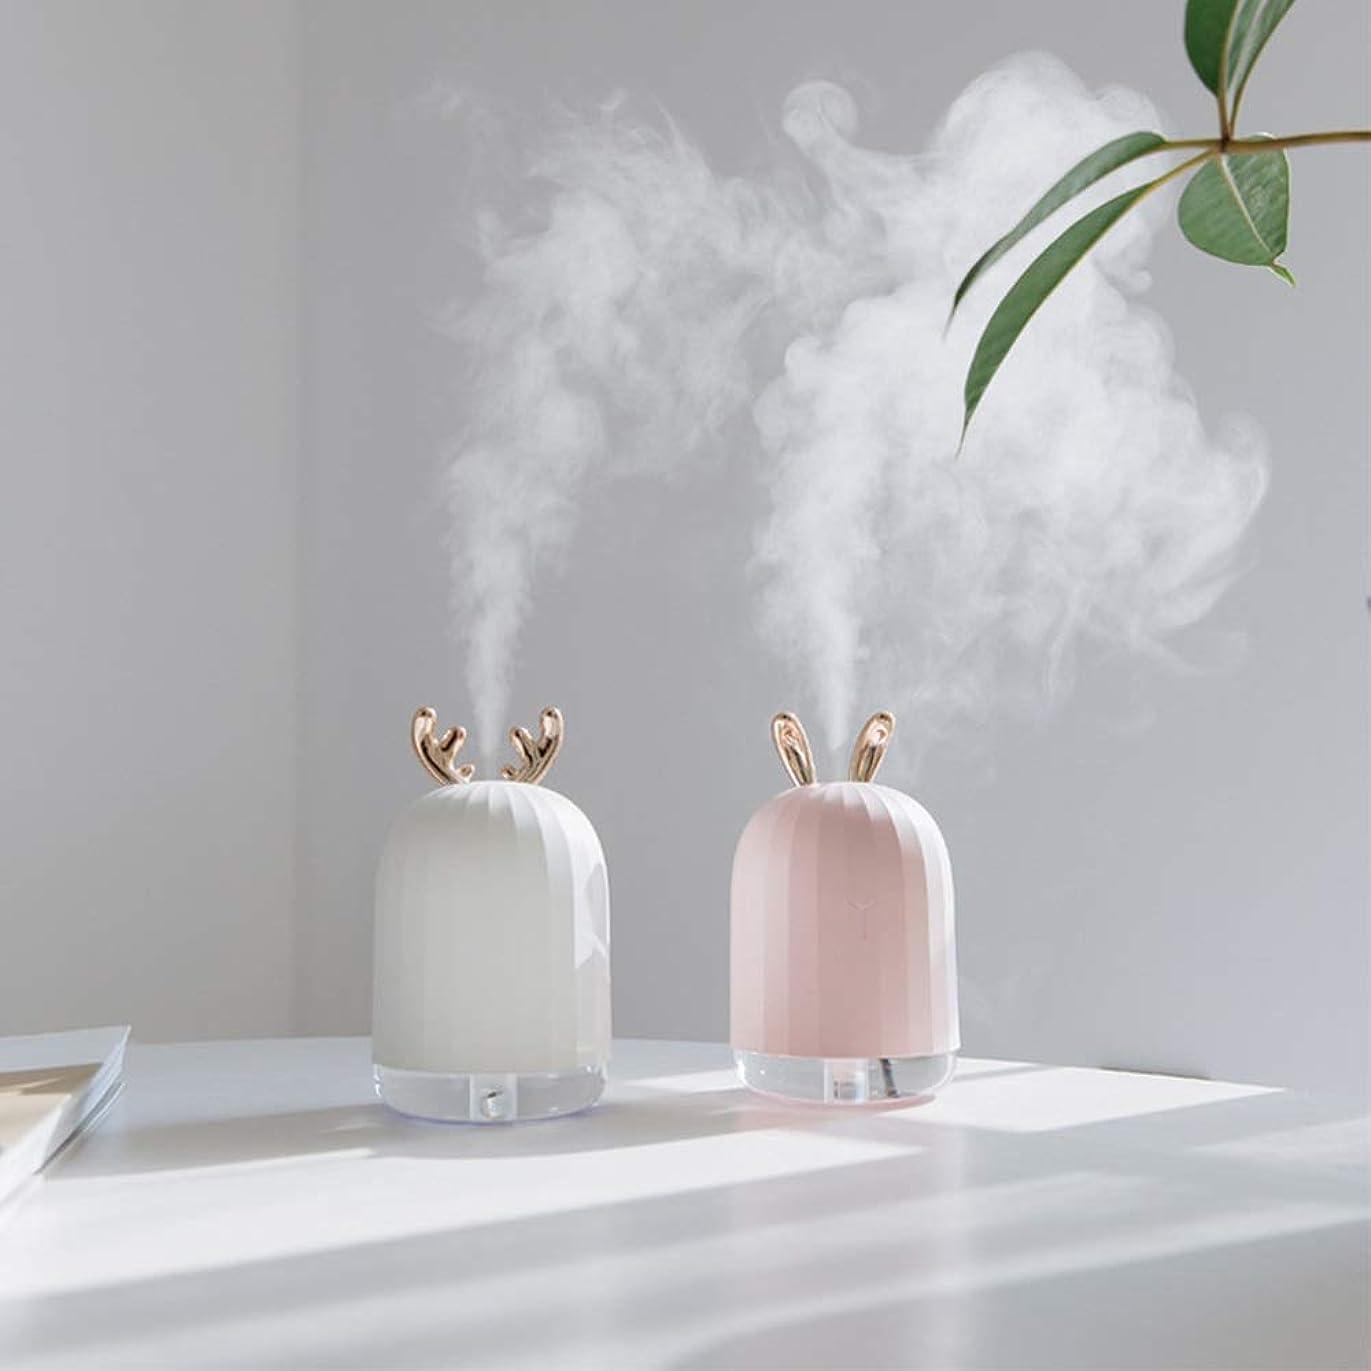 顕現基礎リブZXF LED水蒸気顔加湿器usb充電ナノスプレーカラフルな雰囲気ライトホワイトアントラーズピンクうさぎモデルでクリエイティブ美容水和機器コールドスプレークリエイティブ 滑らかである (色 : White)